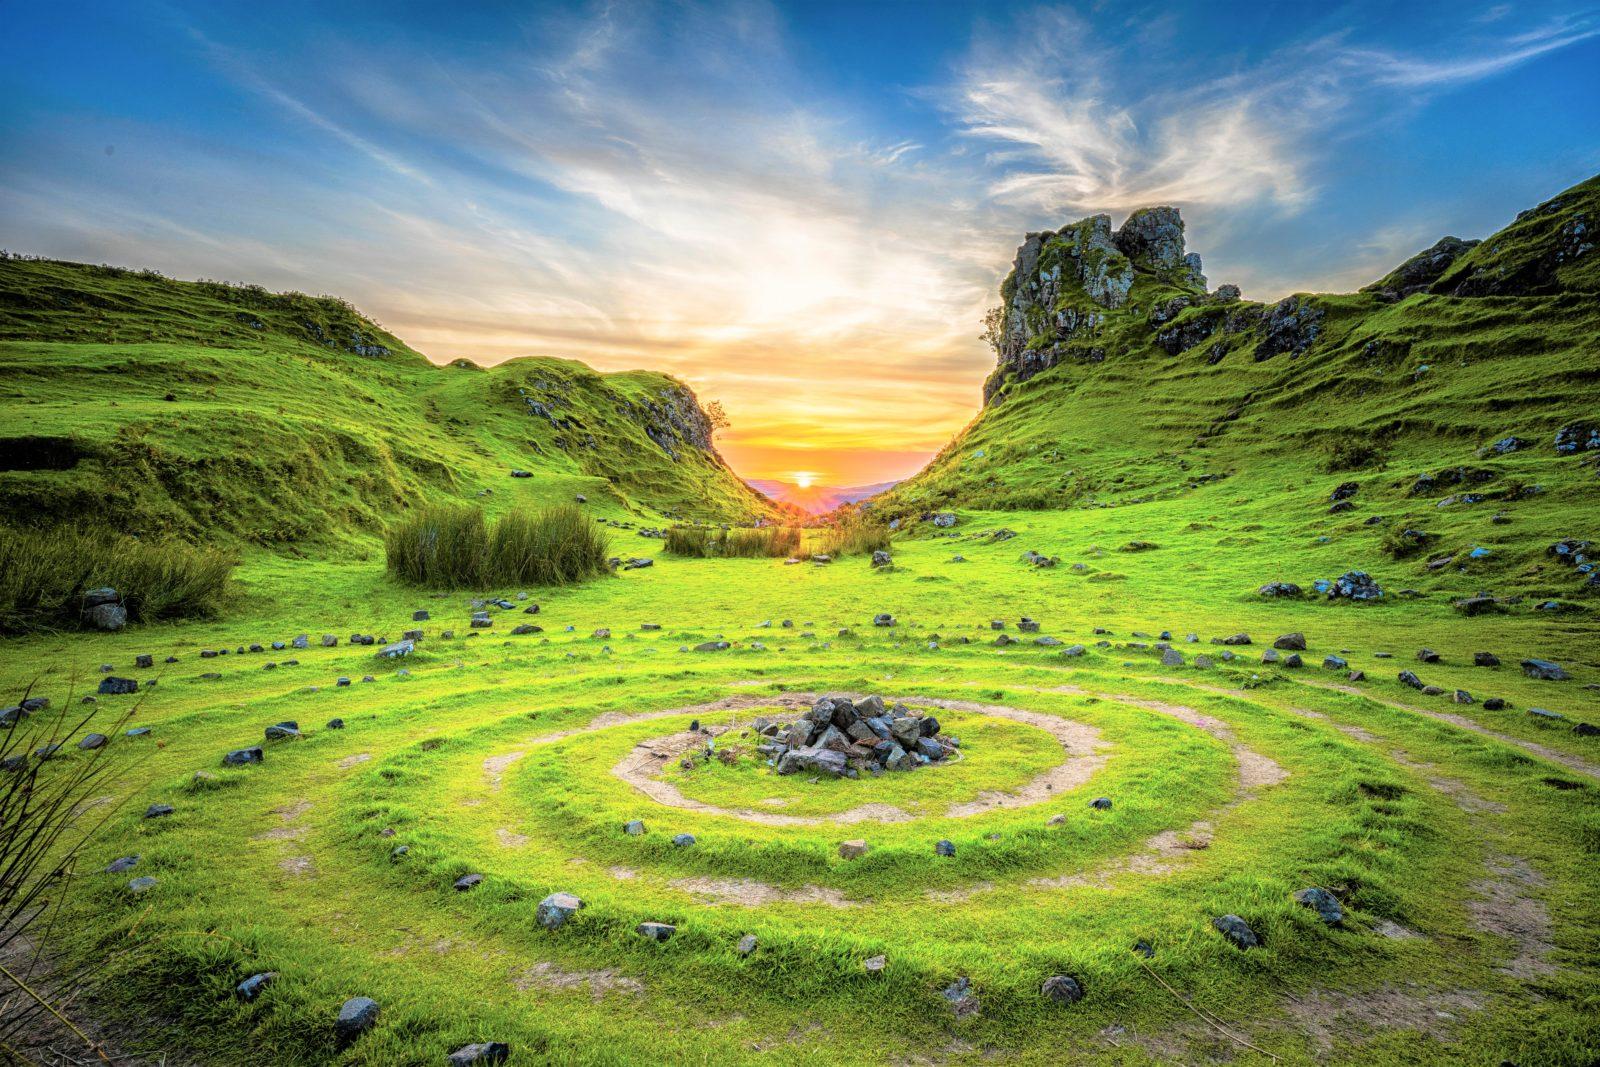 Prato Con Delle Rocce Circondate Da Cerchi E Sullo Sfondo Il Sole Che Sorge